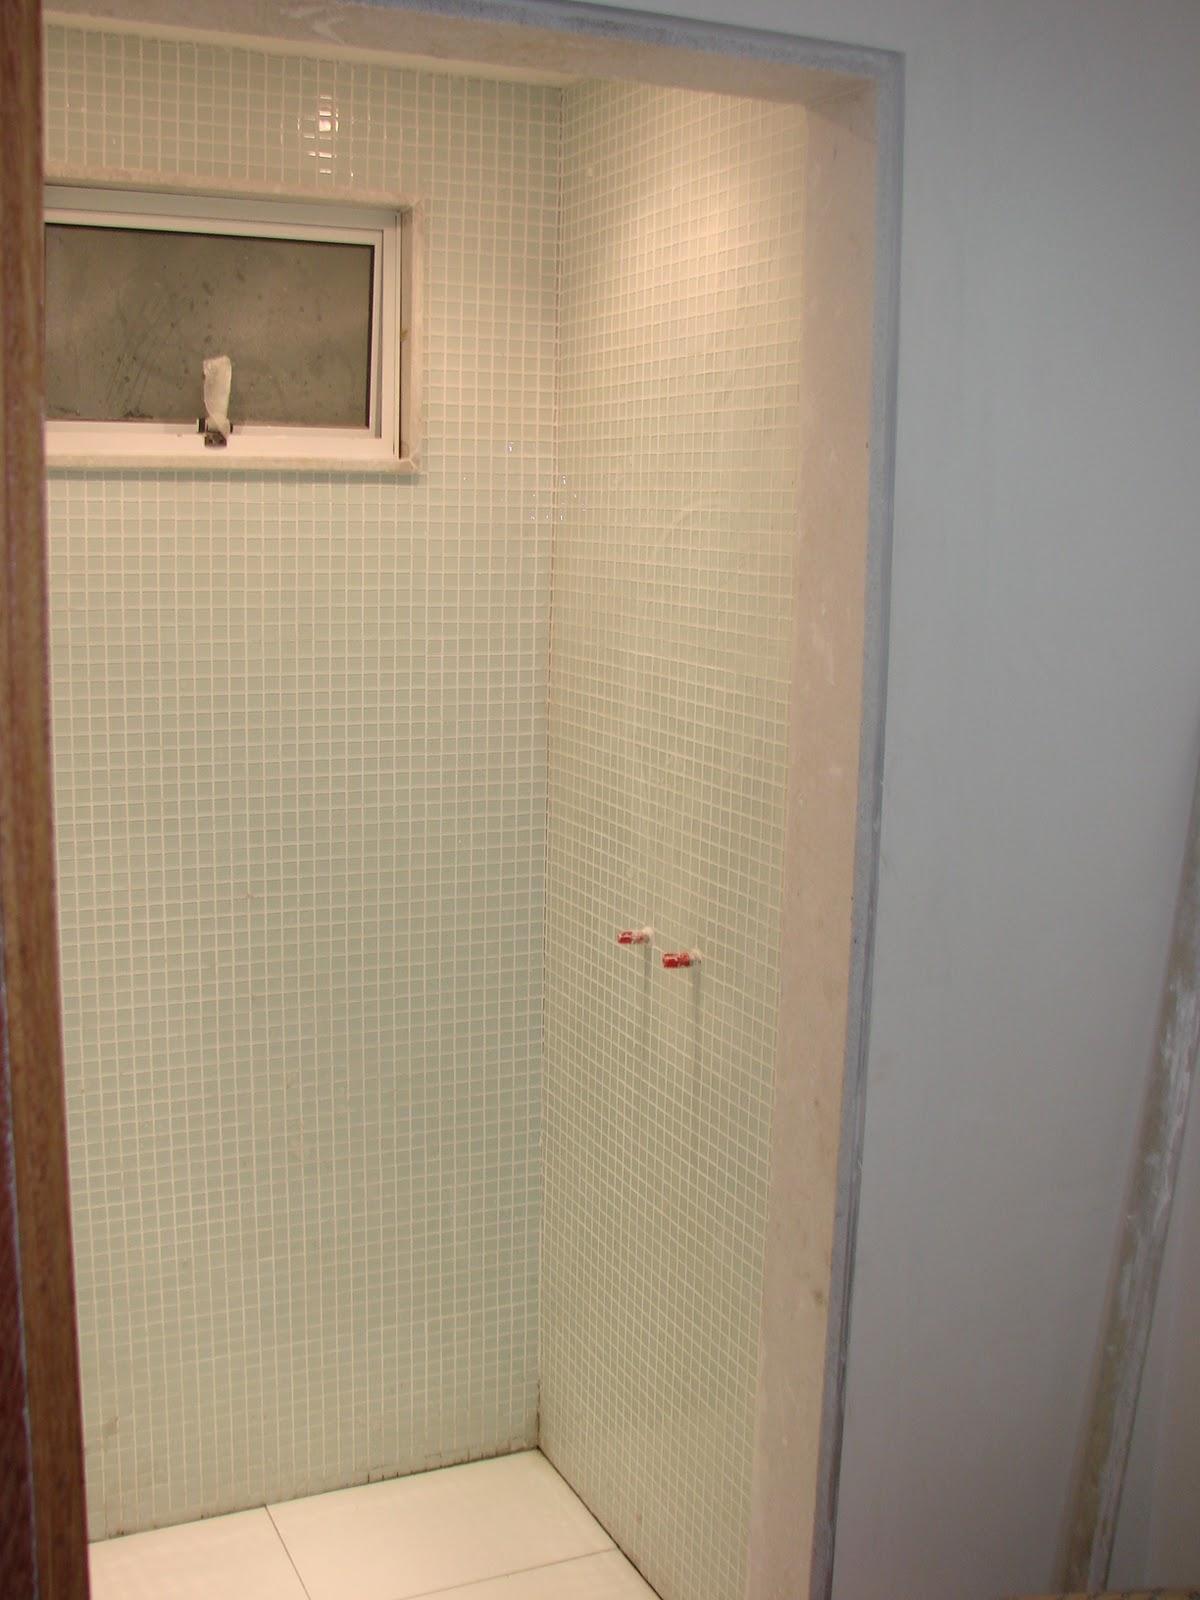 Nosso CaFofinho: Cômodo a cômodo parte I Banheiro #A66425 1200x1600 Banheiro Com Pastilha So No Box